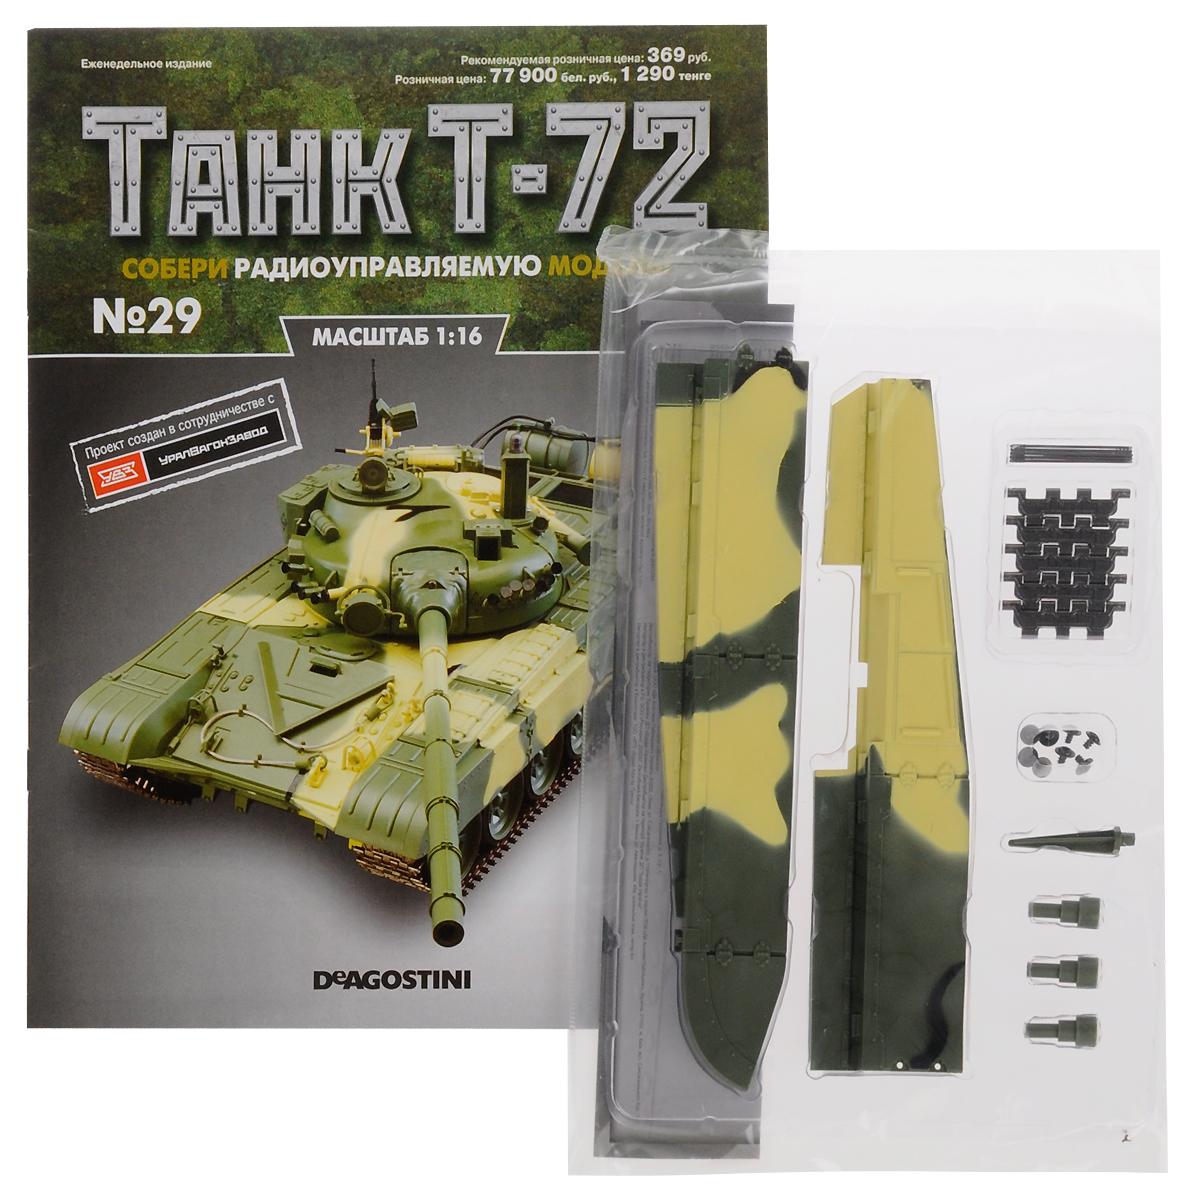 Журнал Танк Т-72 №29TRC029Перед вами - журнал из уникальной серии партворков Танк Т-72 с увлекательной информацией о легендарных боевых машинах и элементами для сборки копии танка Т-72 в уменьшенном варианте 1:16. У вас есть возможность собственноручно создать высококачественную модель этого знаменитого танка с достоверным воспроизведением всех элементов, сохранением функций подлинной боевой машины и дистанционным управлением. В комплекте: 1. Передняя часть бортовых щитков 2. Задняя часть бортовых щитков 3. Винты (9 шт.) 4. Кронштейн 5. Поддерживающие катки (3 шт.) 6. Траки (5 шт.) 7. Пальцы (5 шт.) Категория 16+.